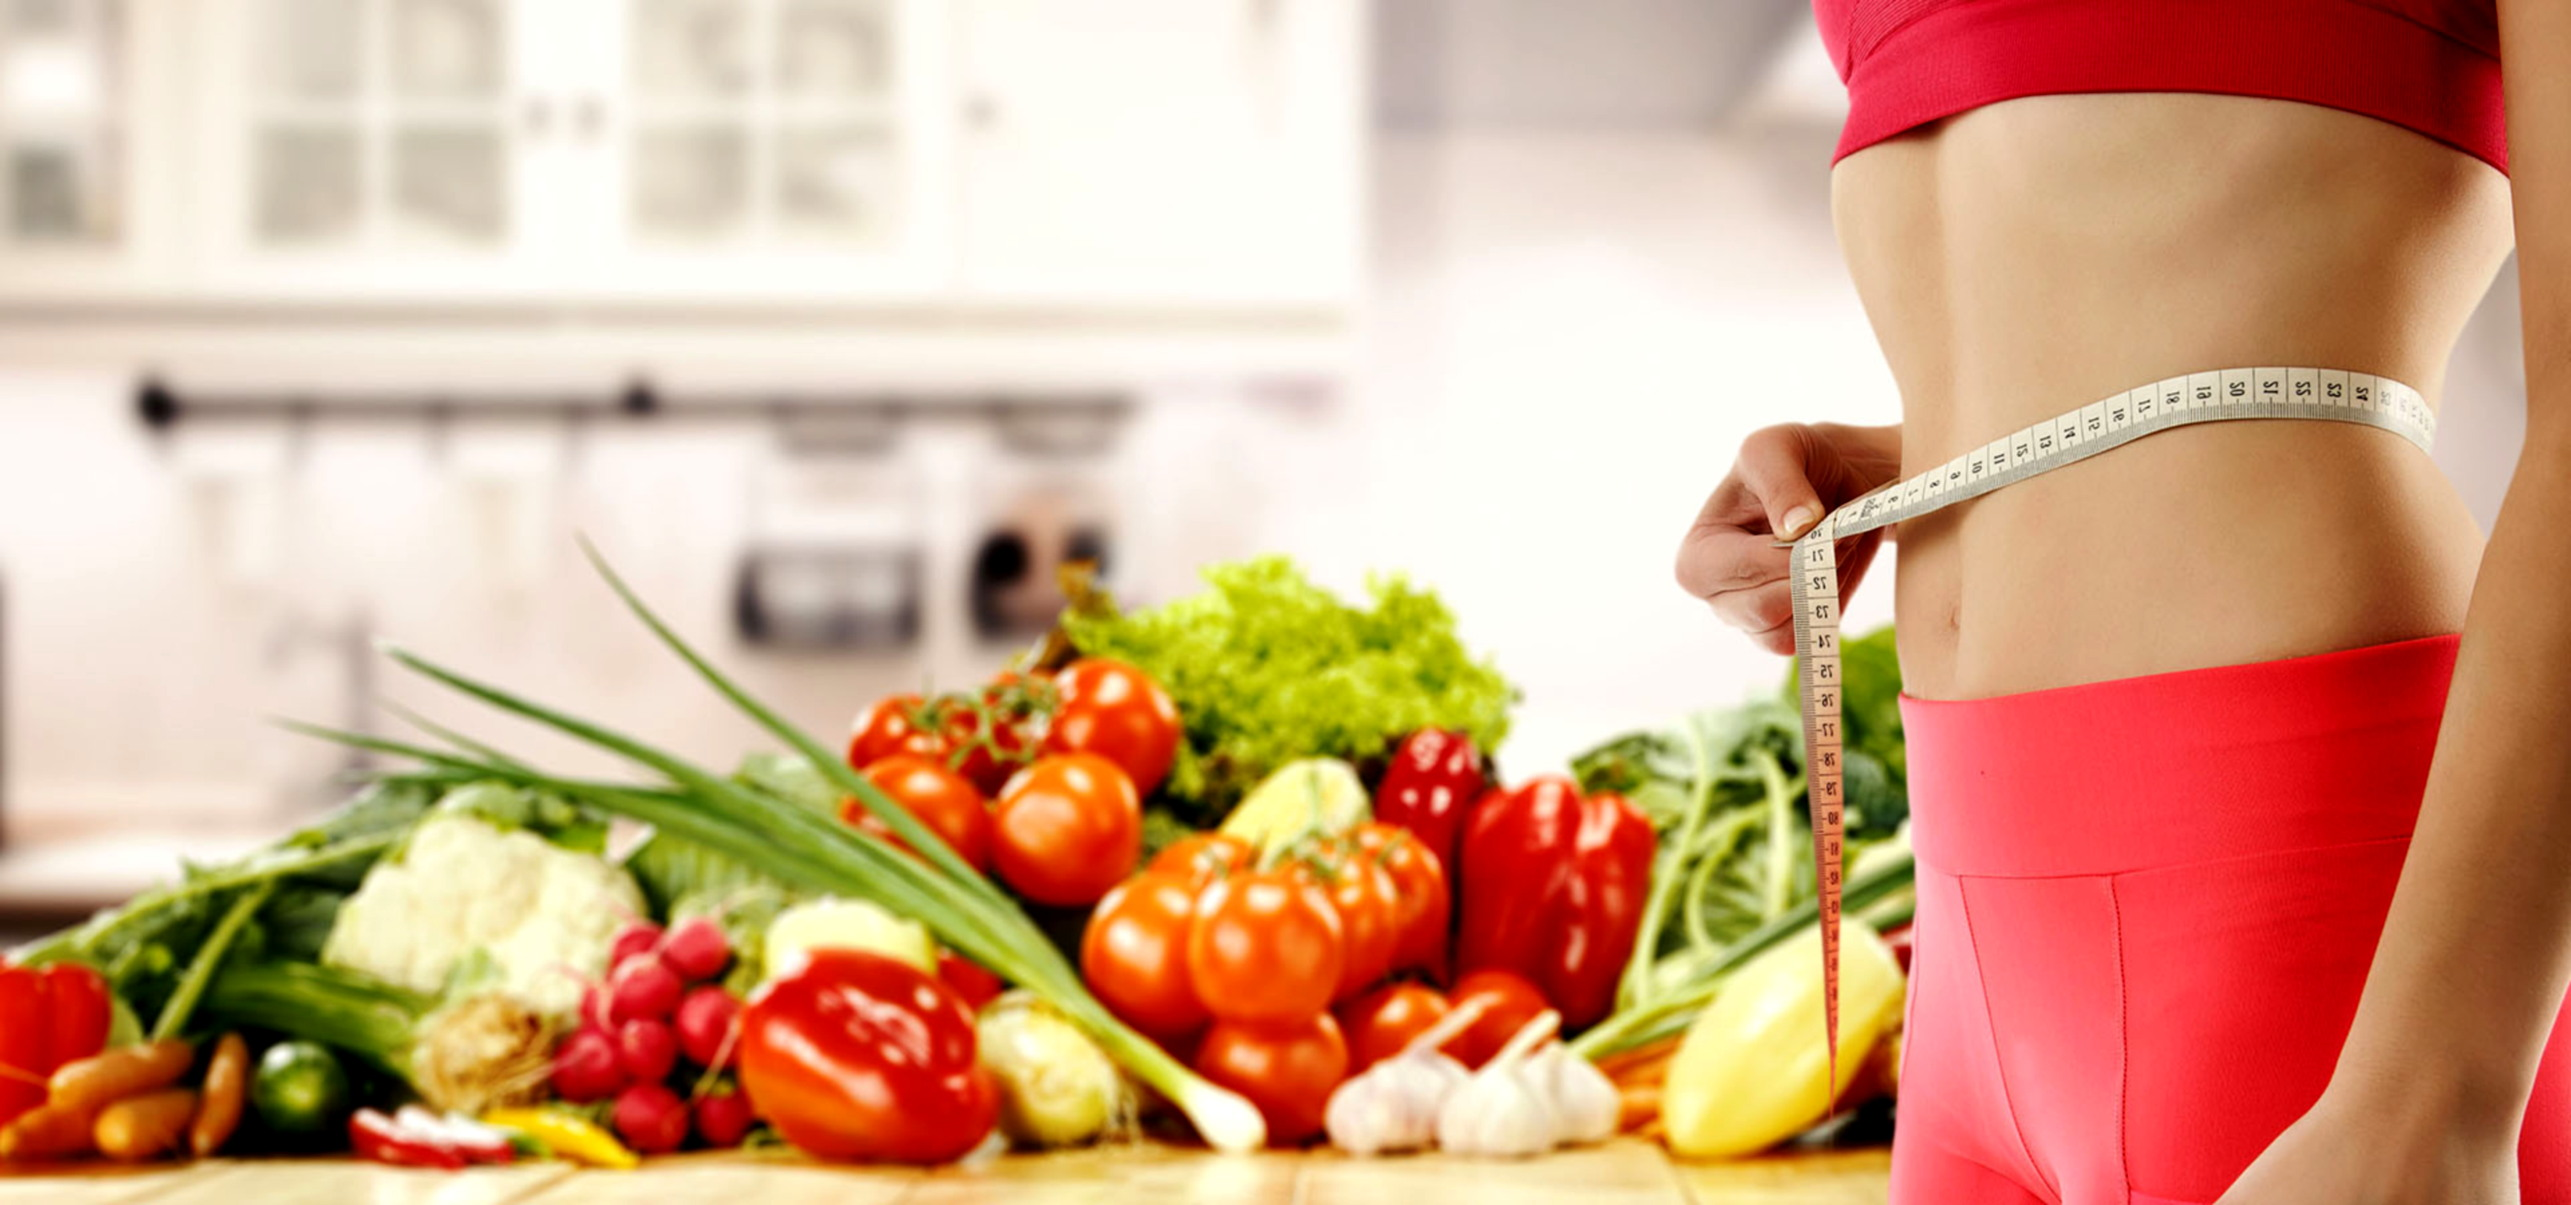 На Каких Диетах Можно Быстрее Похудеть. На какой диете лучше худеть и какое похудение самое безопасное для здоровья